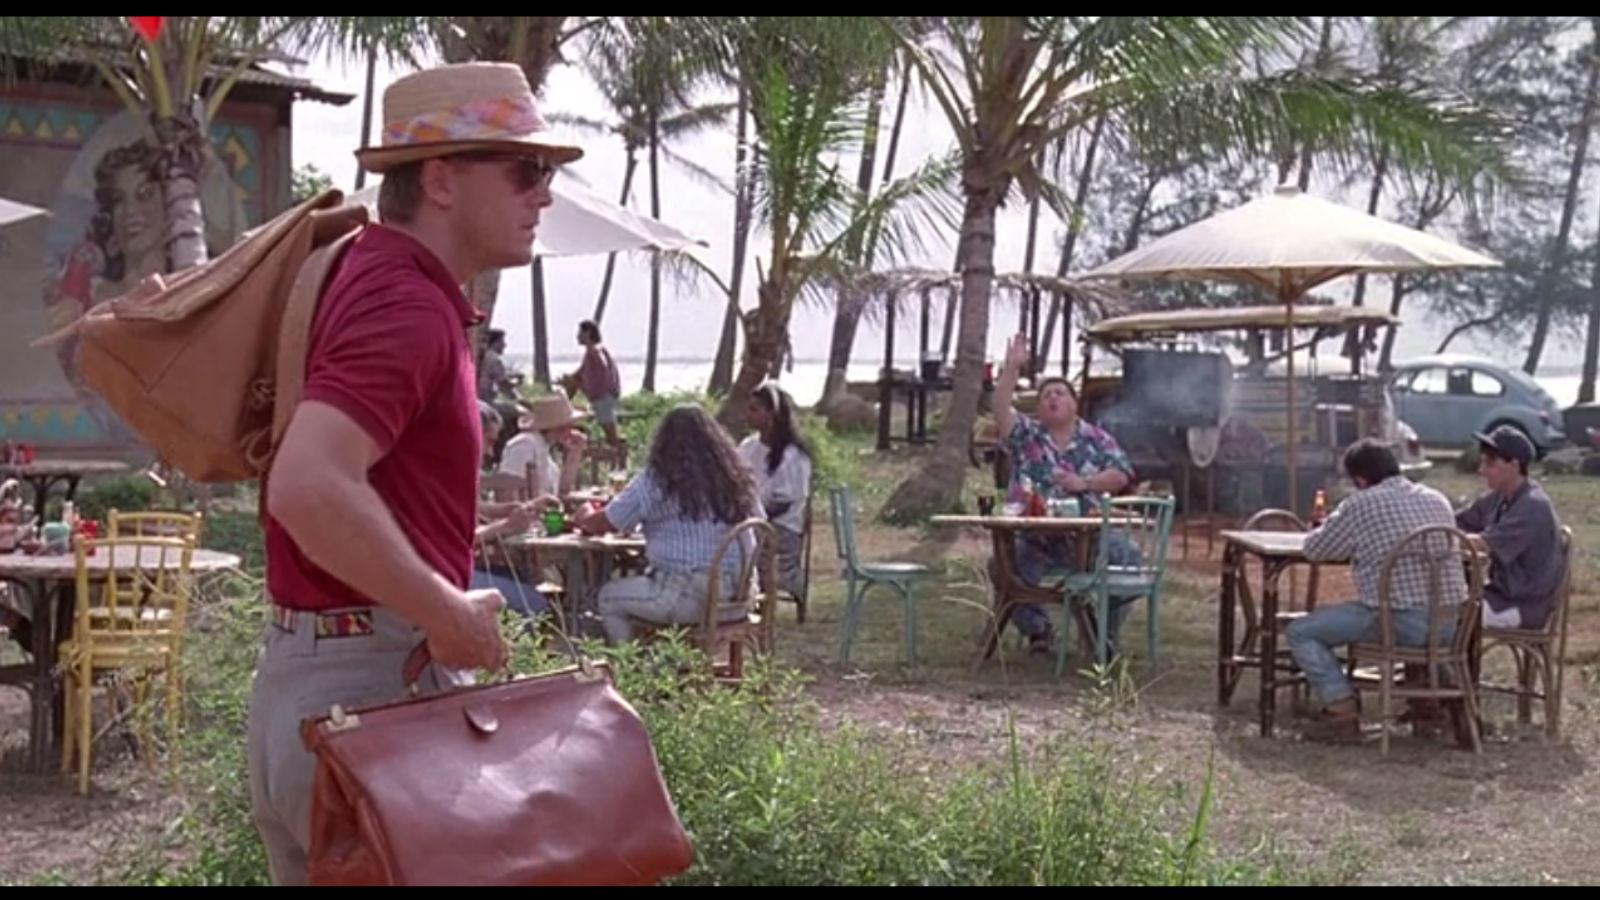 Amikor Dennis Nedry találkozik az embrió tolvajjal a felirat szerint San Jose-ban vannak, Costa Rica-ban. Ám az álmos óceánparti kisváros köszönő viszonyban sincs az igazi, szárazföldi nagyvárossal. (Universal Pictures)